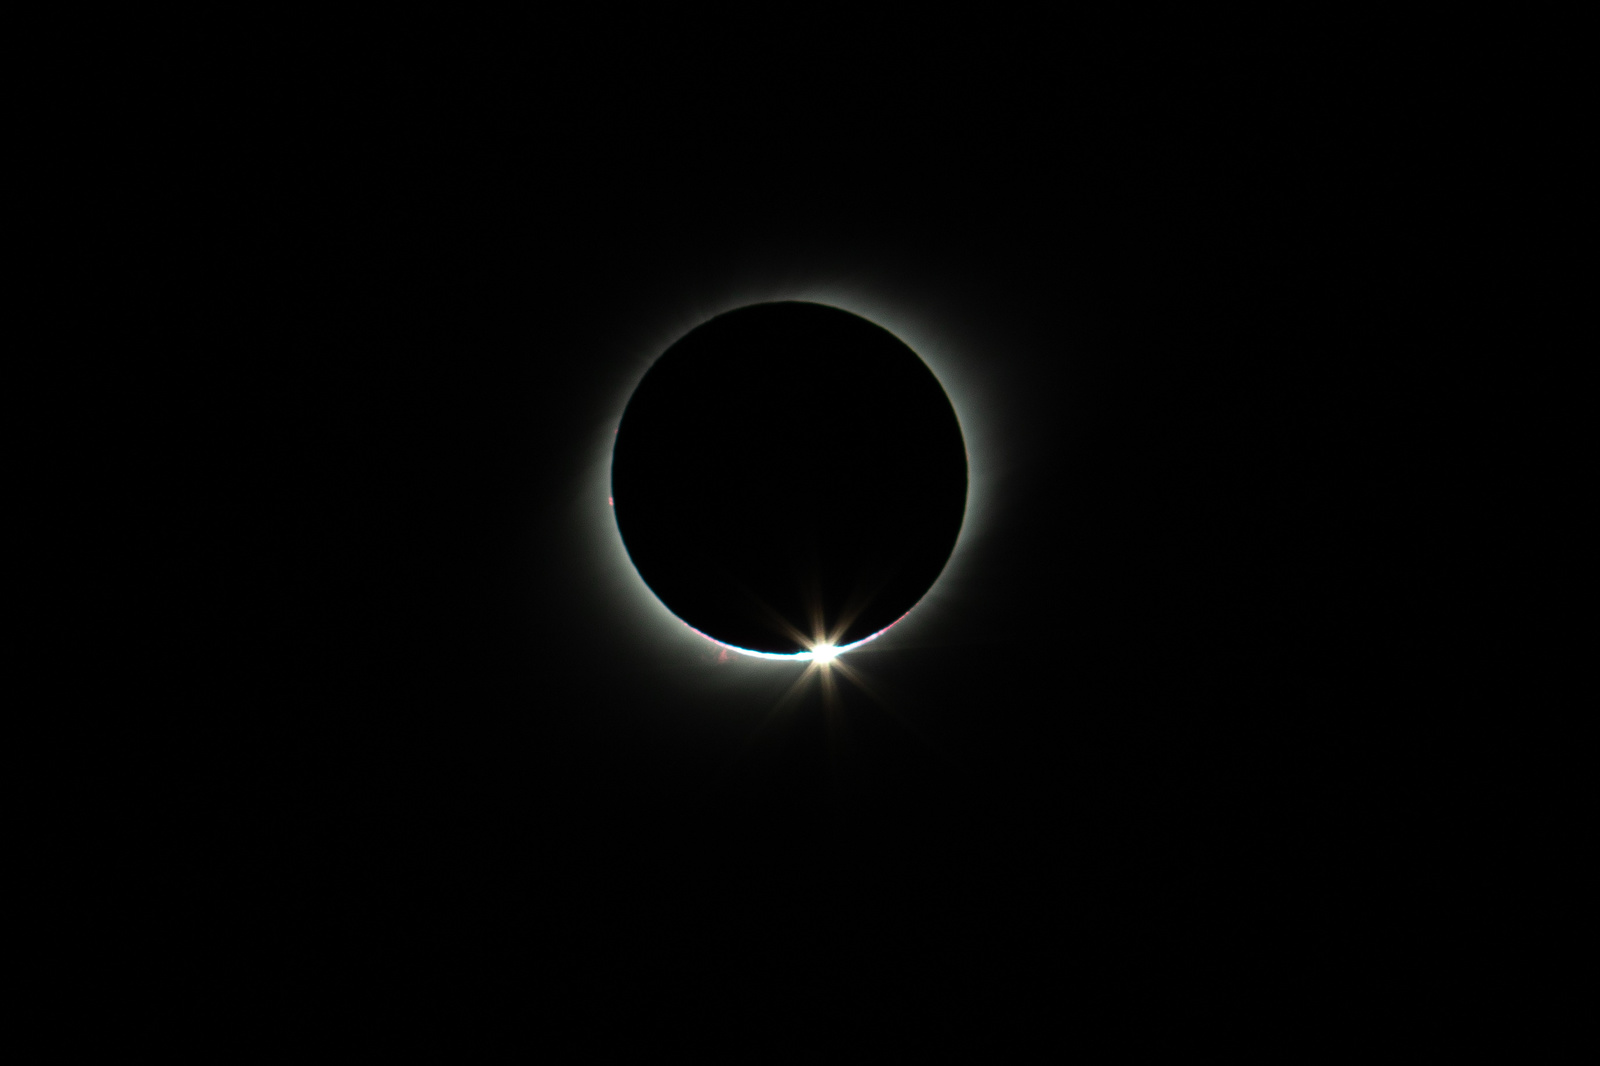 _MGL8582-diamond-ring.thumb.jpg.7592f23e04dacc6835cd0246902c21ad.jpg